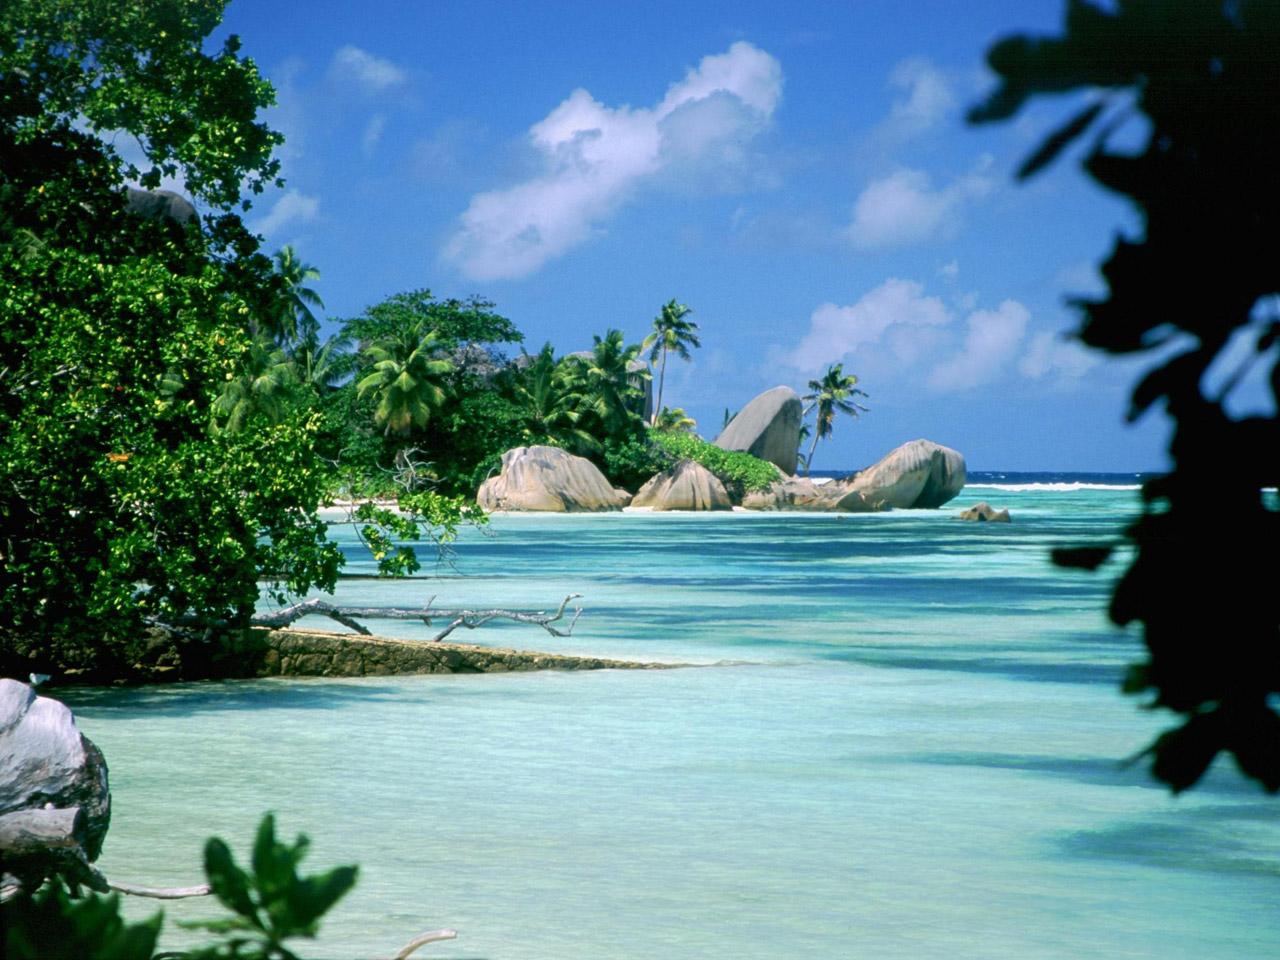 Купить остров на сейшелах цена дома отдыха дубай